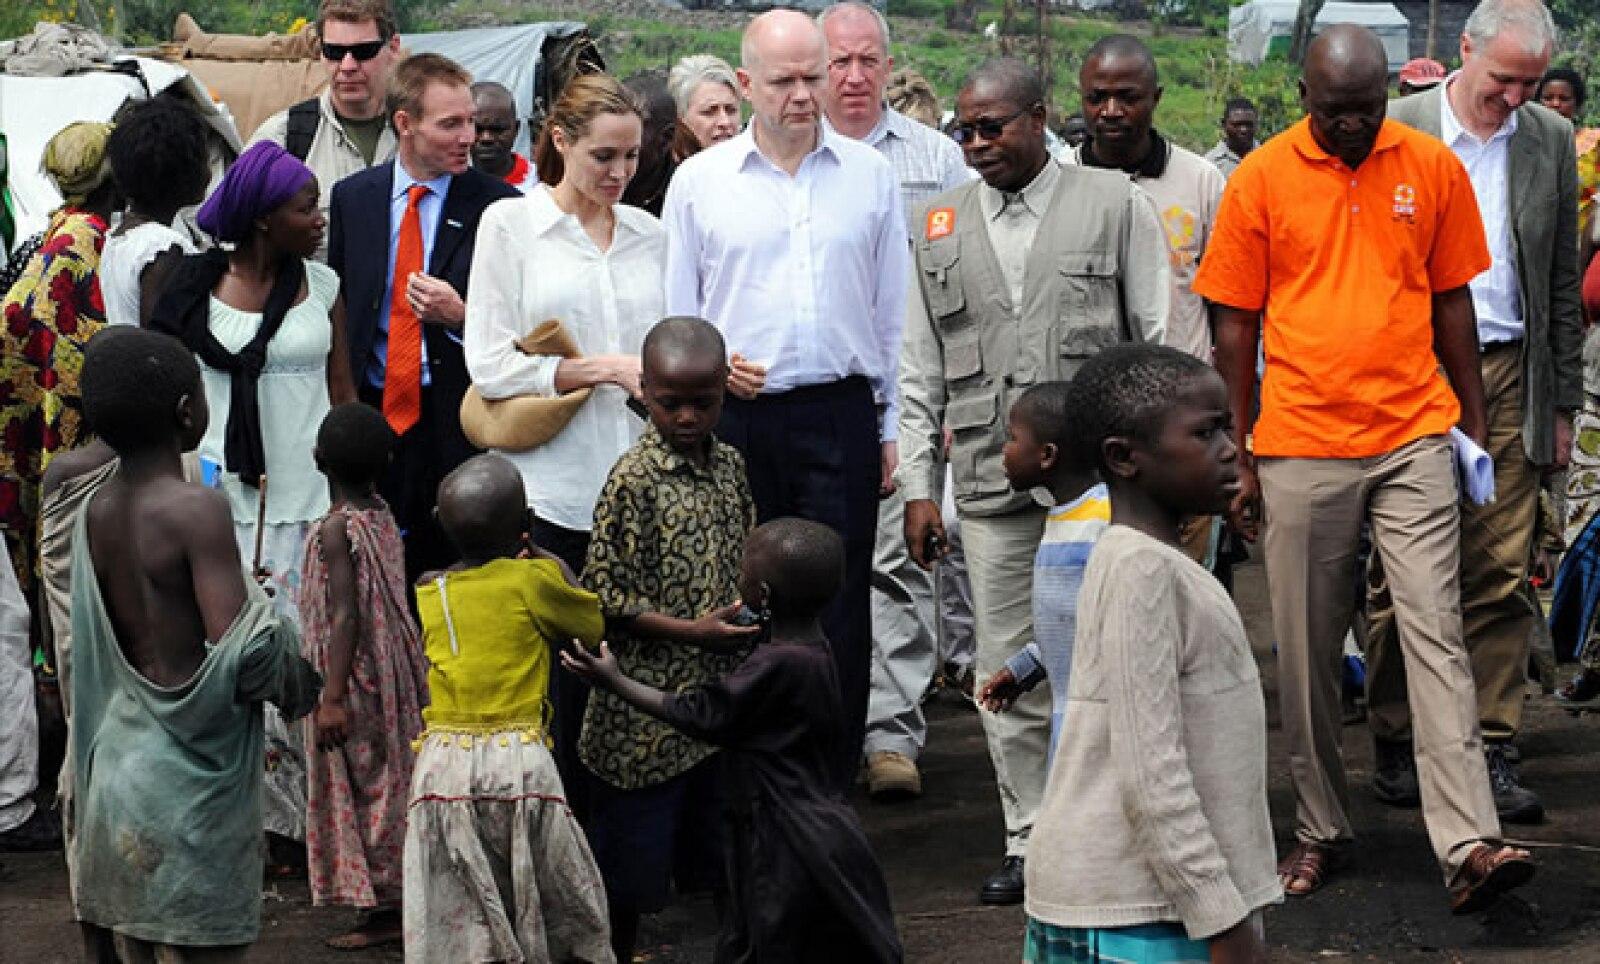 Jolie viaja por el mundo promoviendo acciones humanitarias cuando no está en los sets de grabación. Aquí con niños en la República Democrática del Congo.